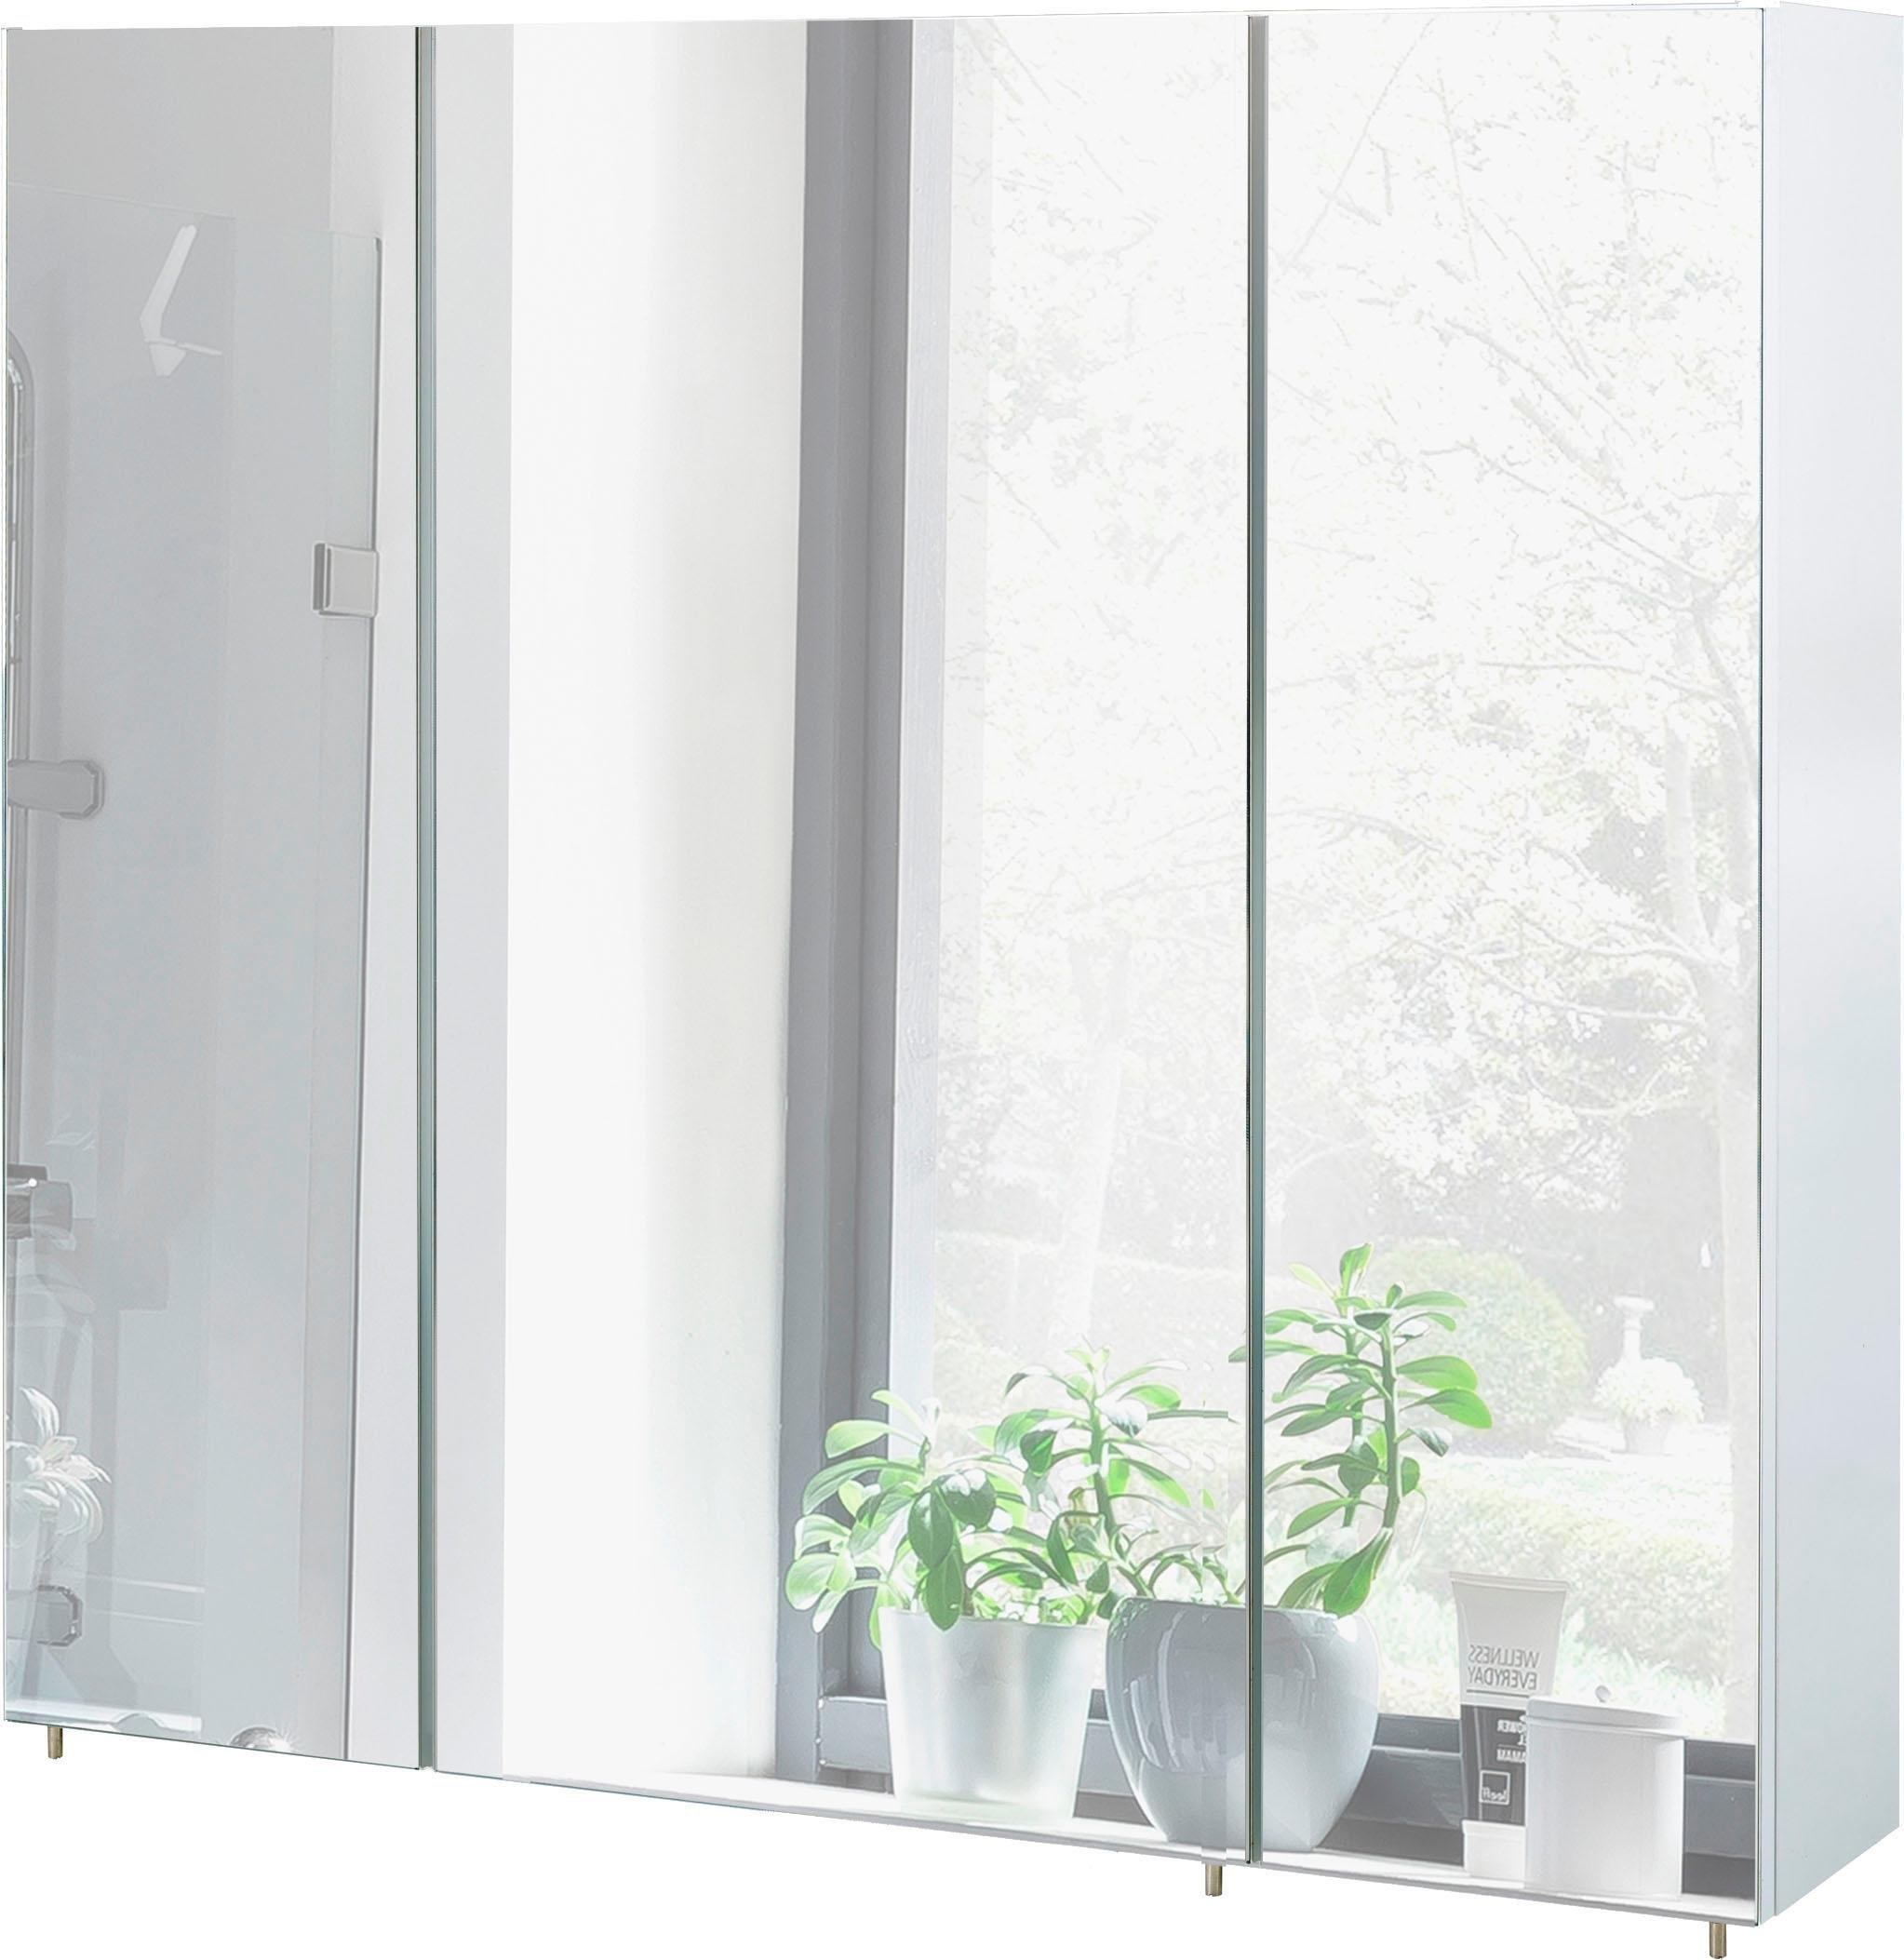 Schildmeyer Spiegelkast Basic Breedte 80 cm, 3-deurs, glasplateaus, Made in Germany bij OTTO online kopen